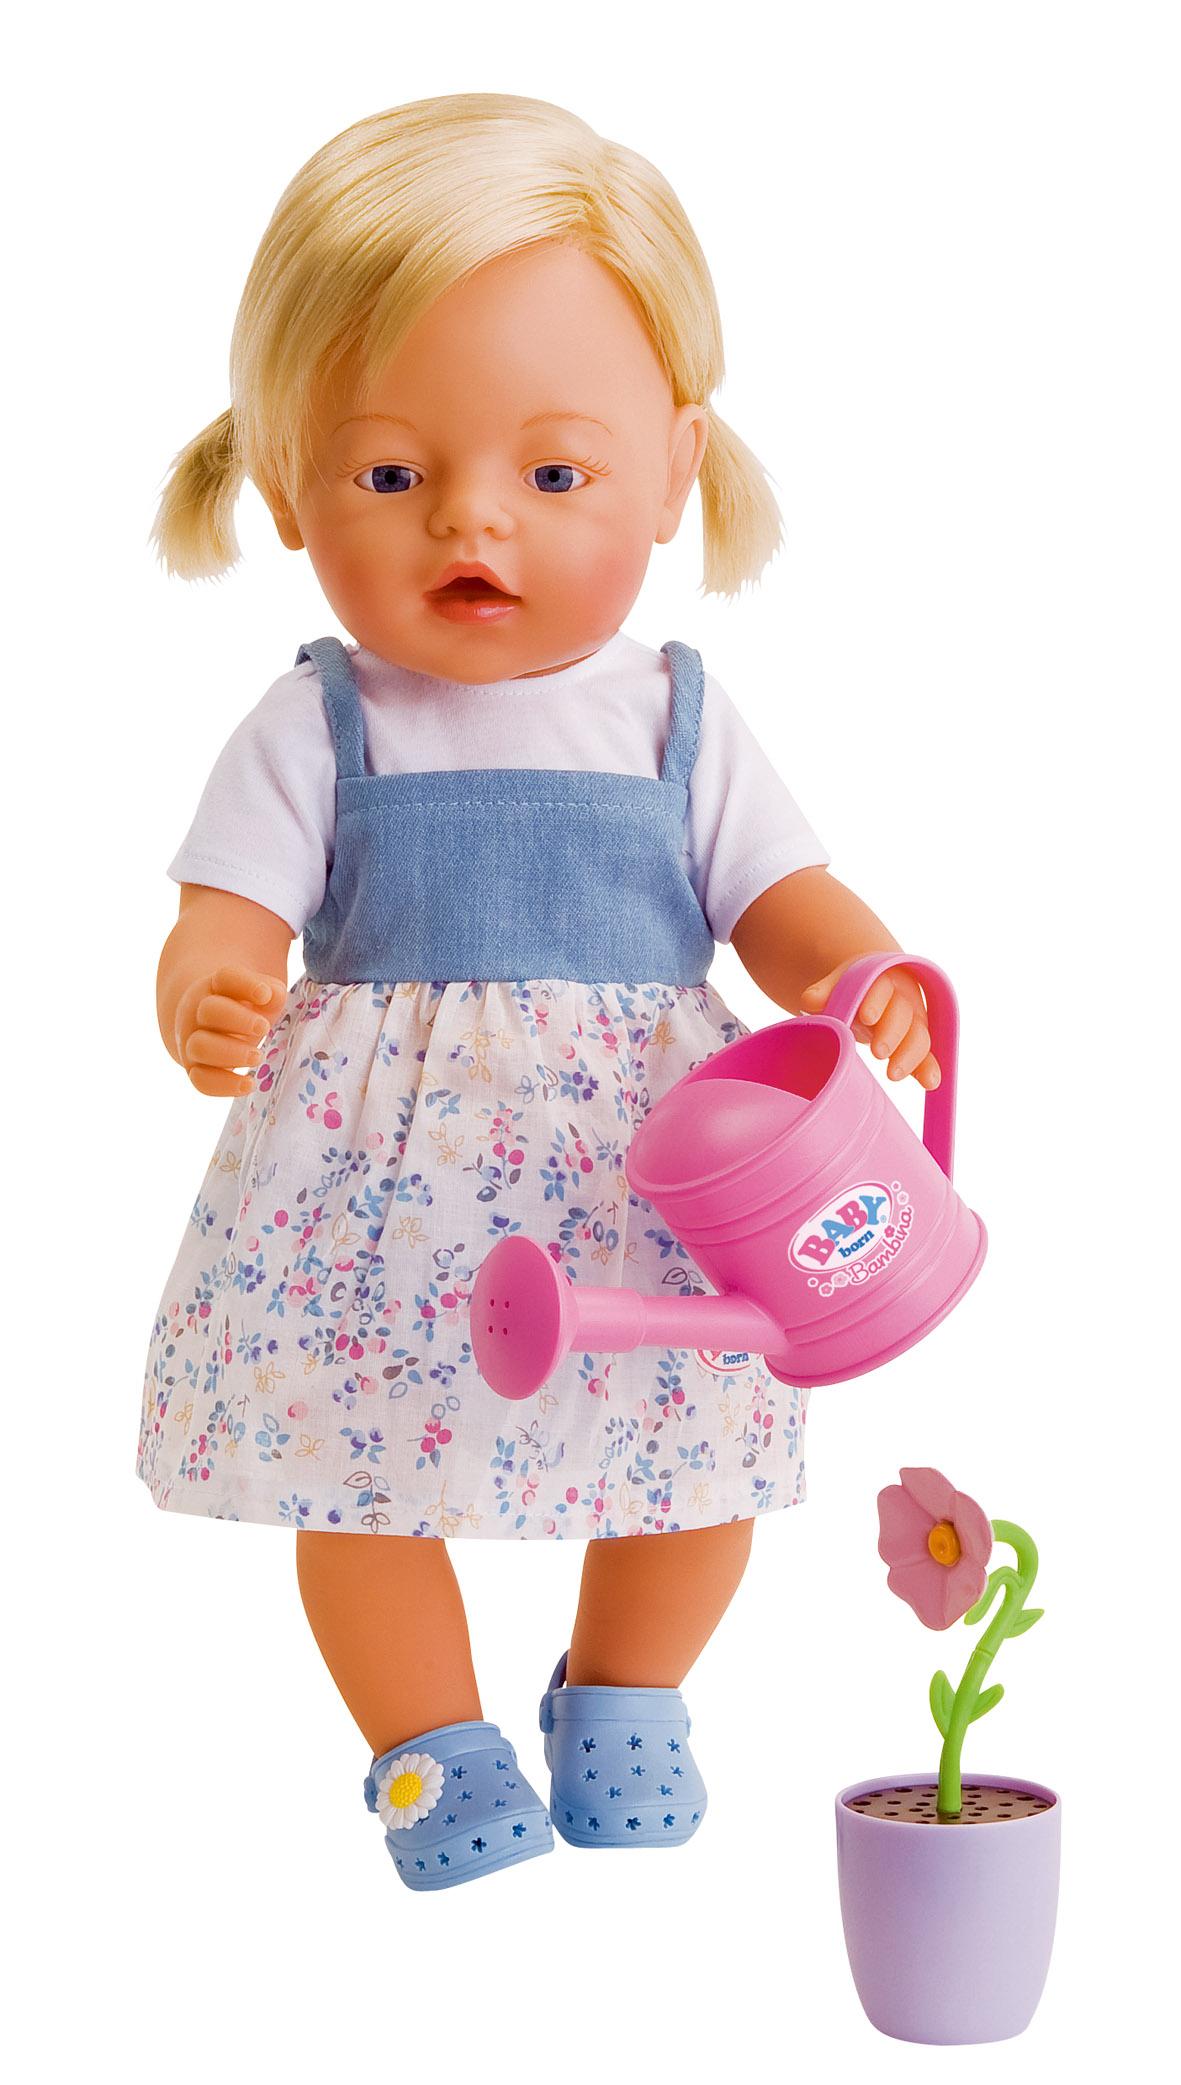 кукла беби бон купить в интернет